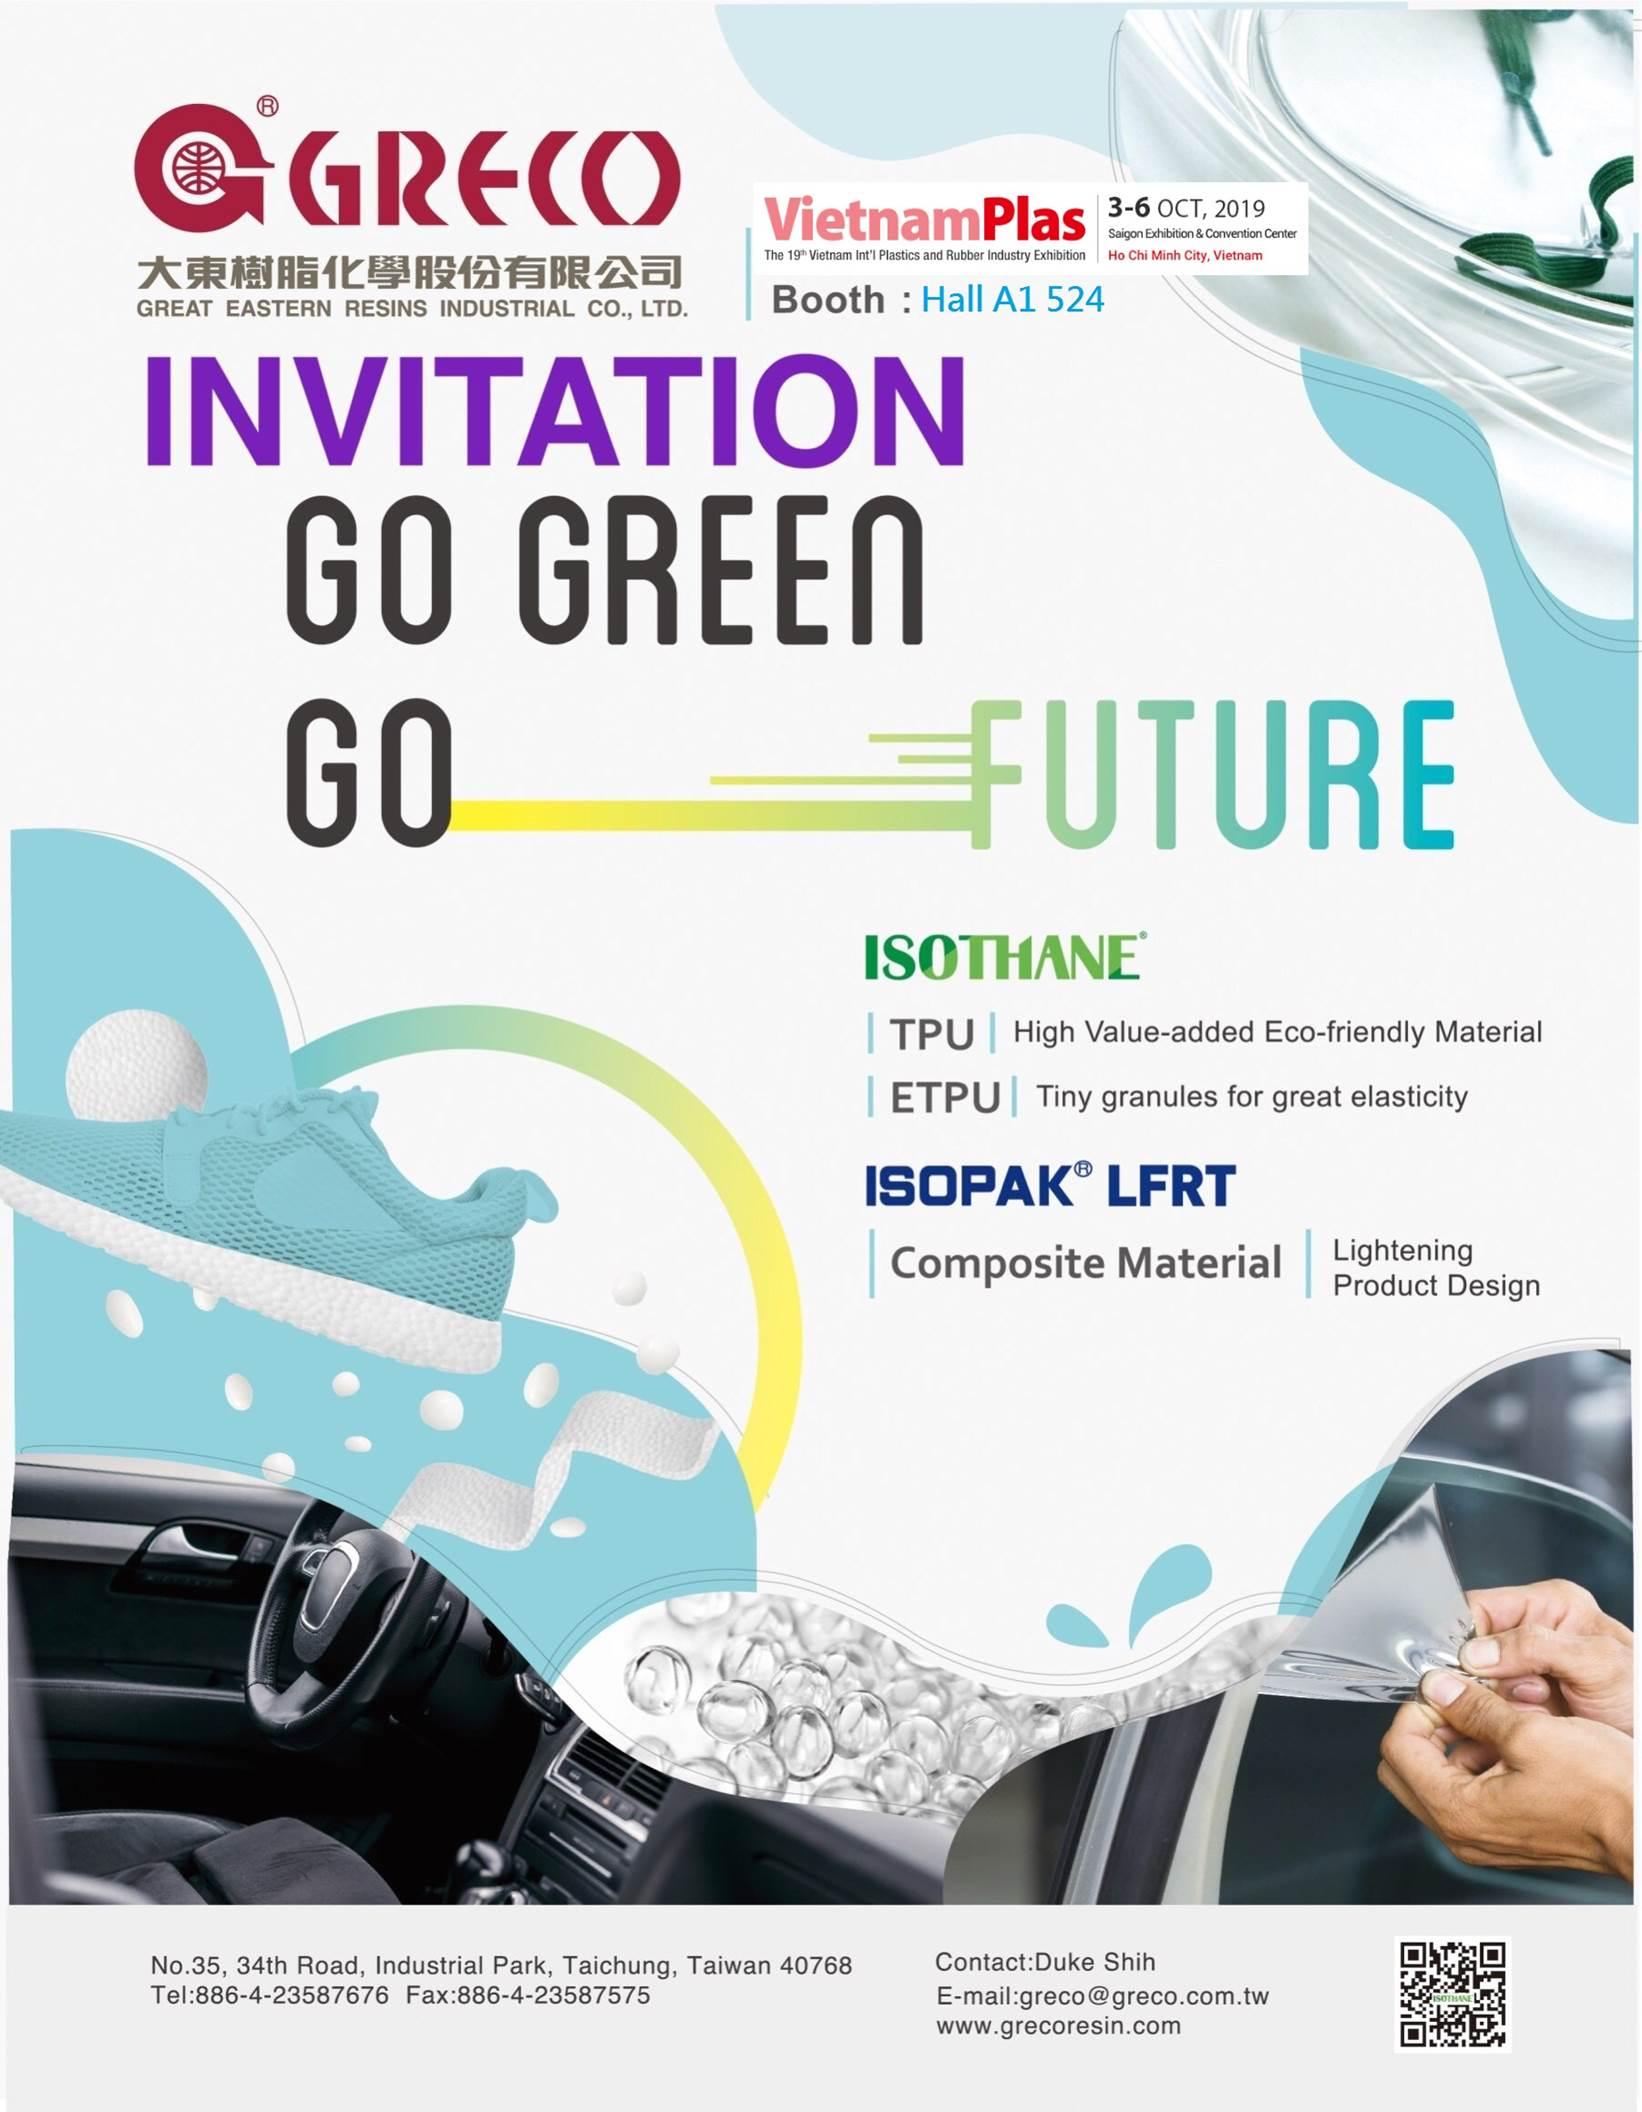 proimages/news/2019_vietnam_plas_invitation.jpg